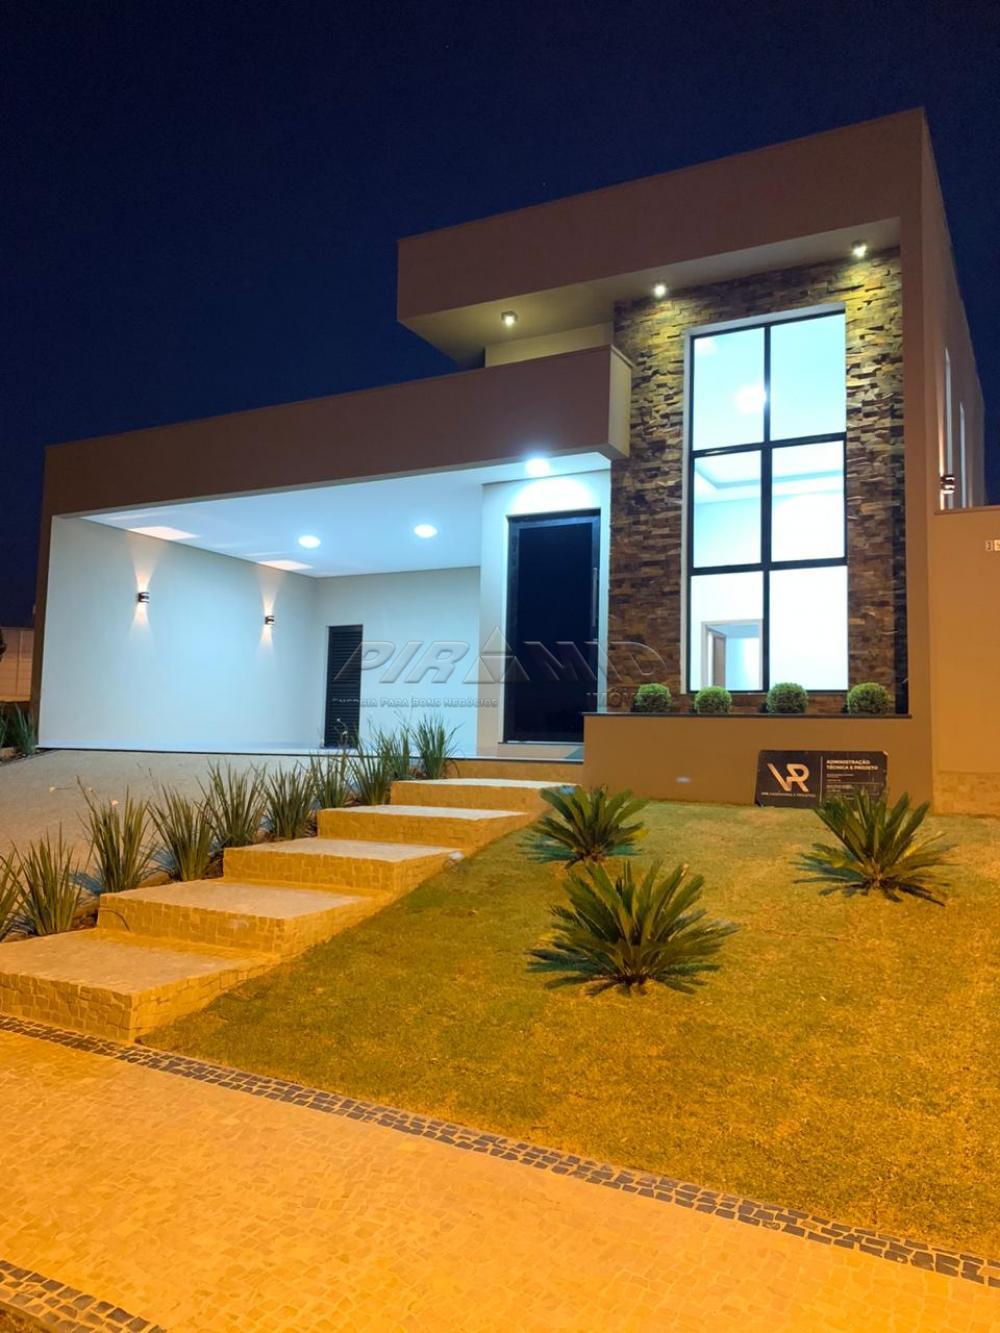 Comprar Casa / Condomínio em Ribeirão Preto apenas R$ 1.090.000,00 - Foto 1